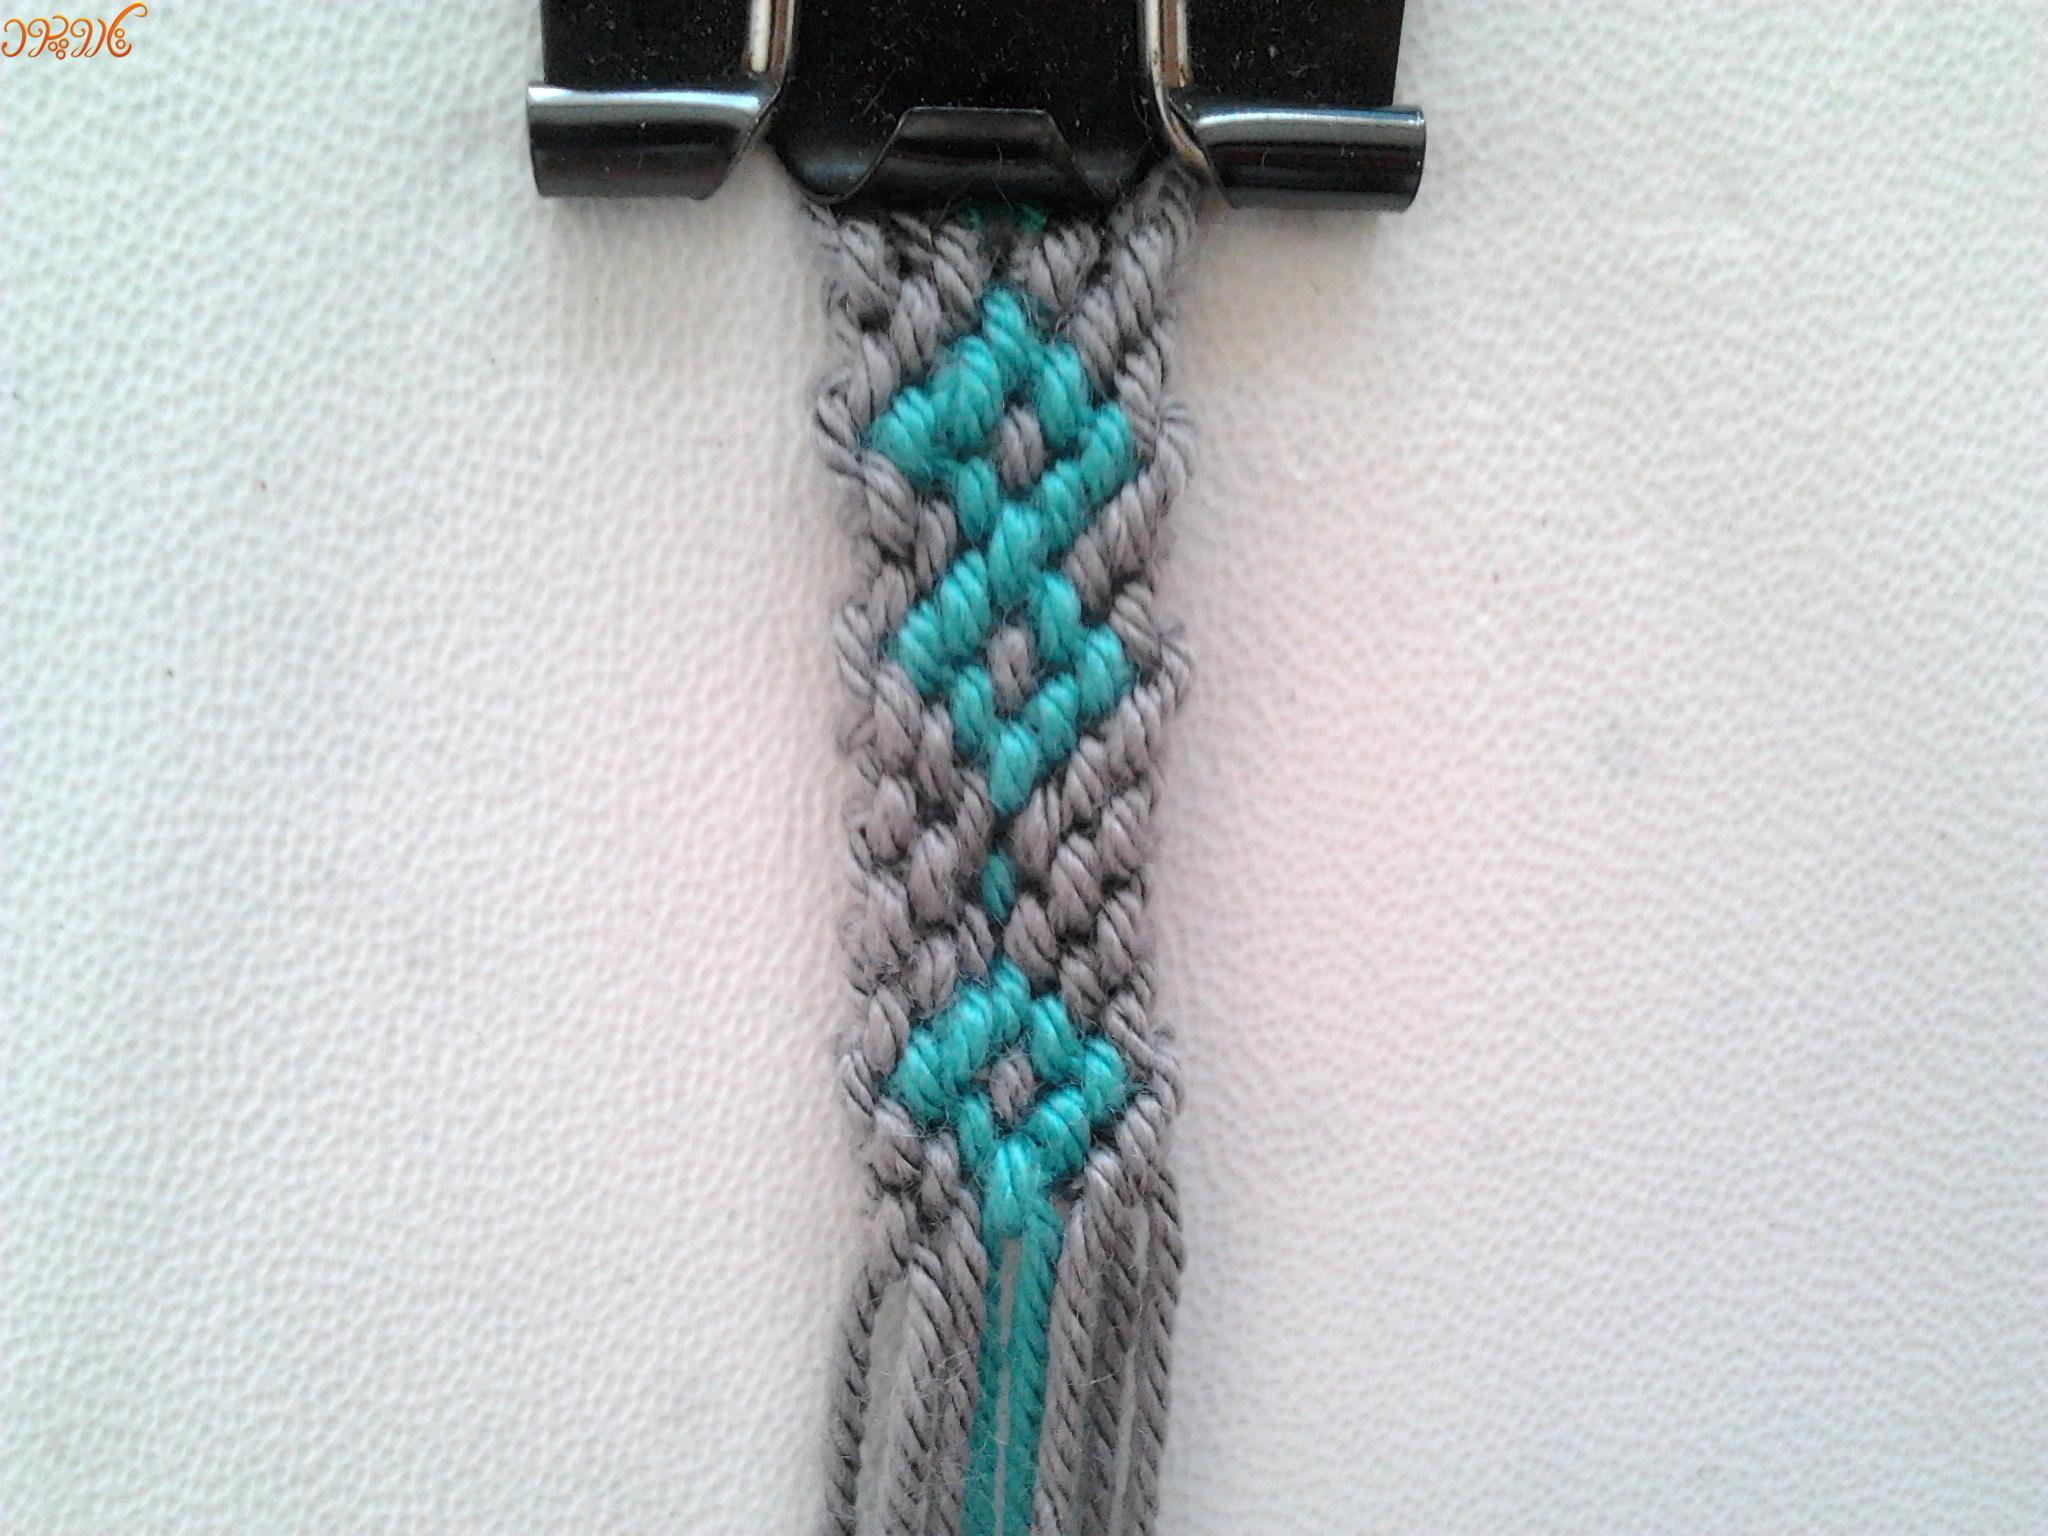 آموزش بافت دستبند دوستی باریک بی نهایت ۲